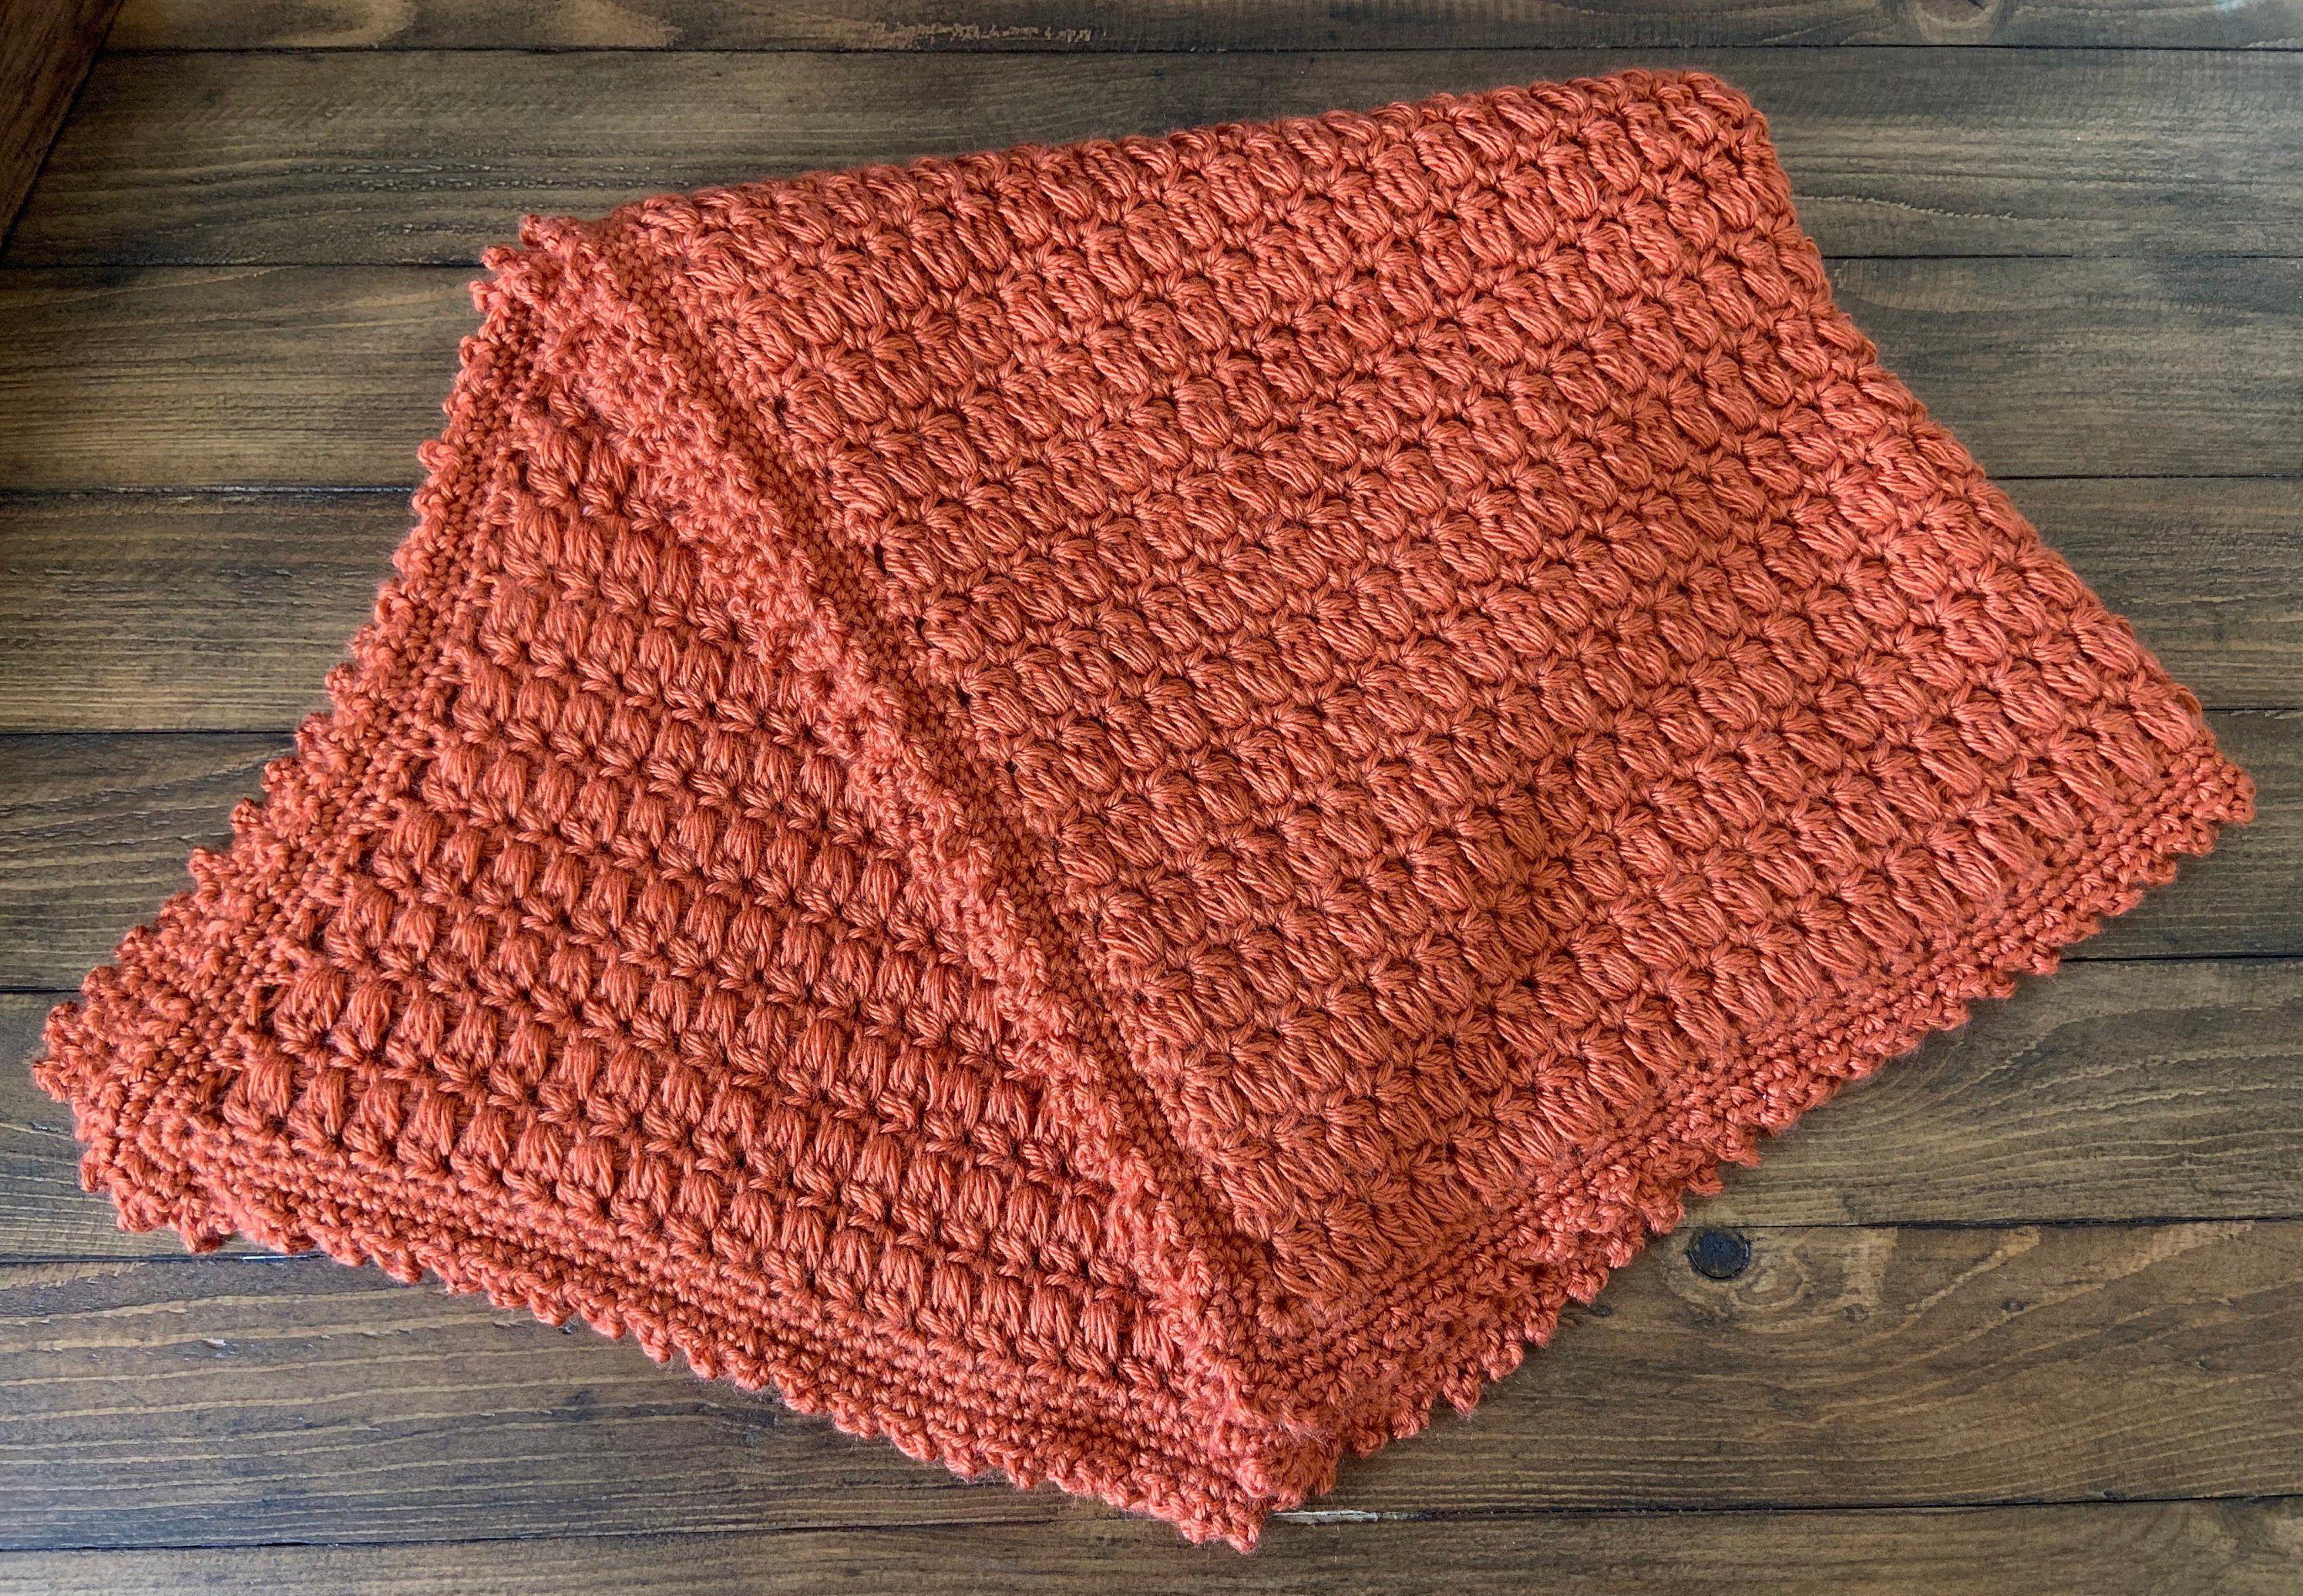 Harvest Orange Pumpkin Baby Crochet Security Blanket Afghan Lovie #crochetsecurityblanket